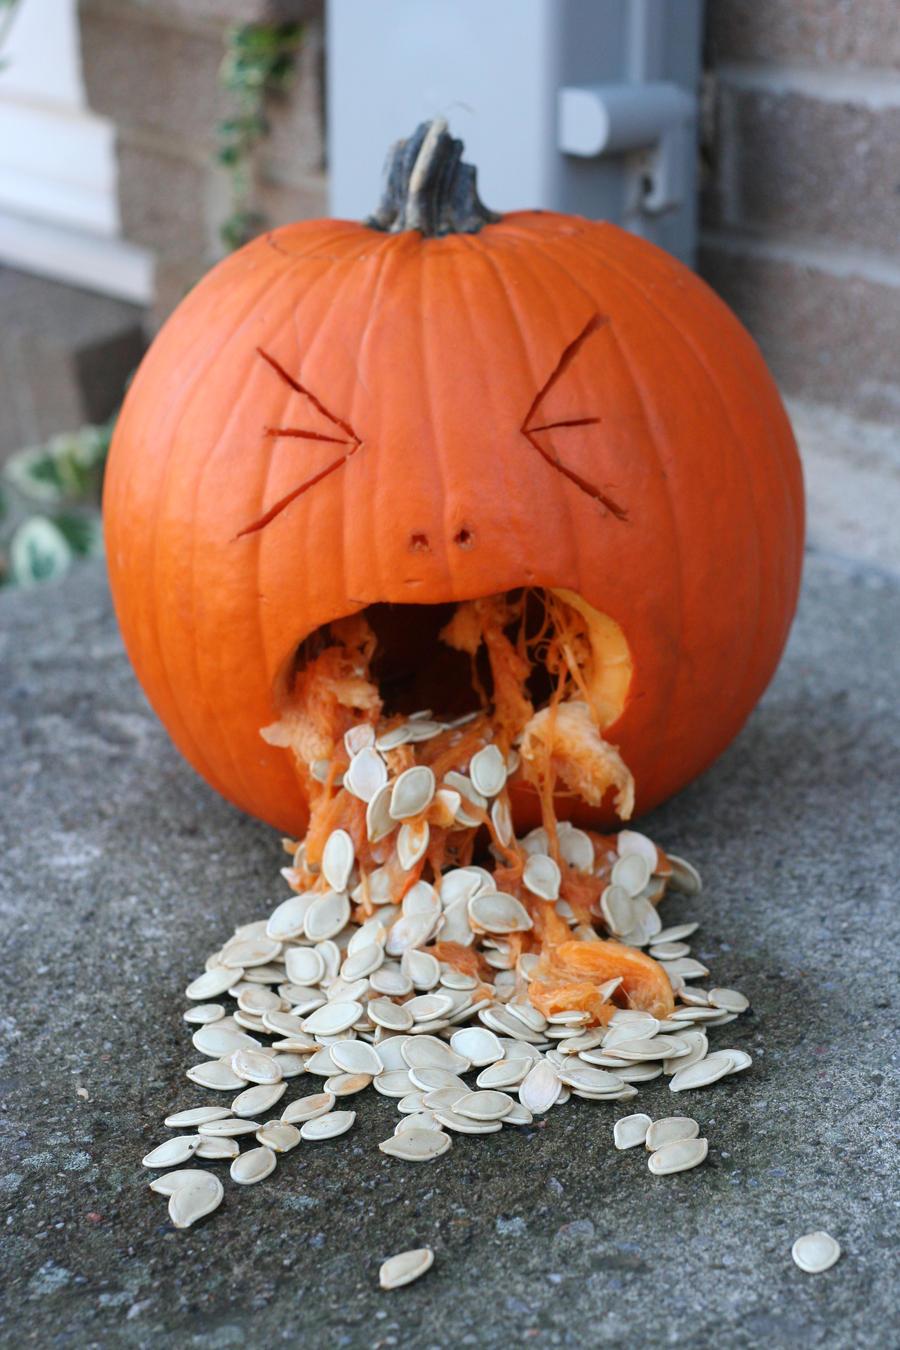 barfing_pumpkin_by_swirlyman-d31w7pi.jpg